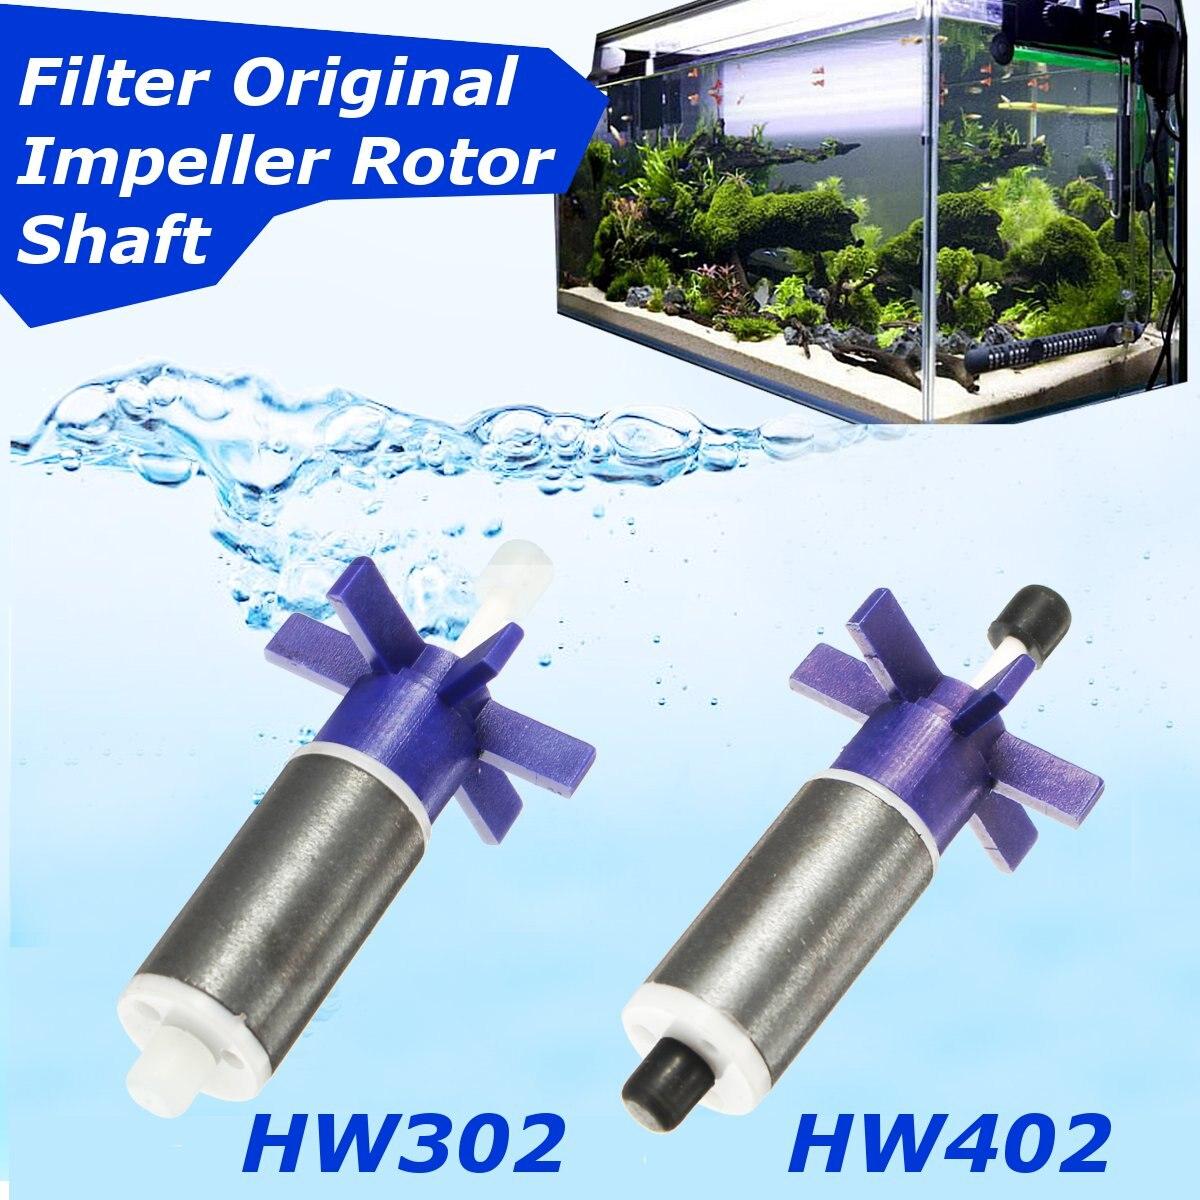 Accesorios de filtros, impulsor de filtro cilíndrico HW302 HW402, eje del Rotor...